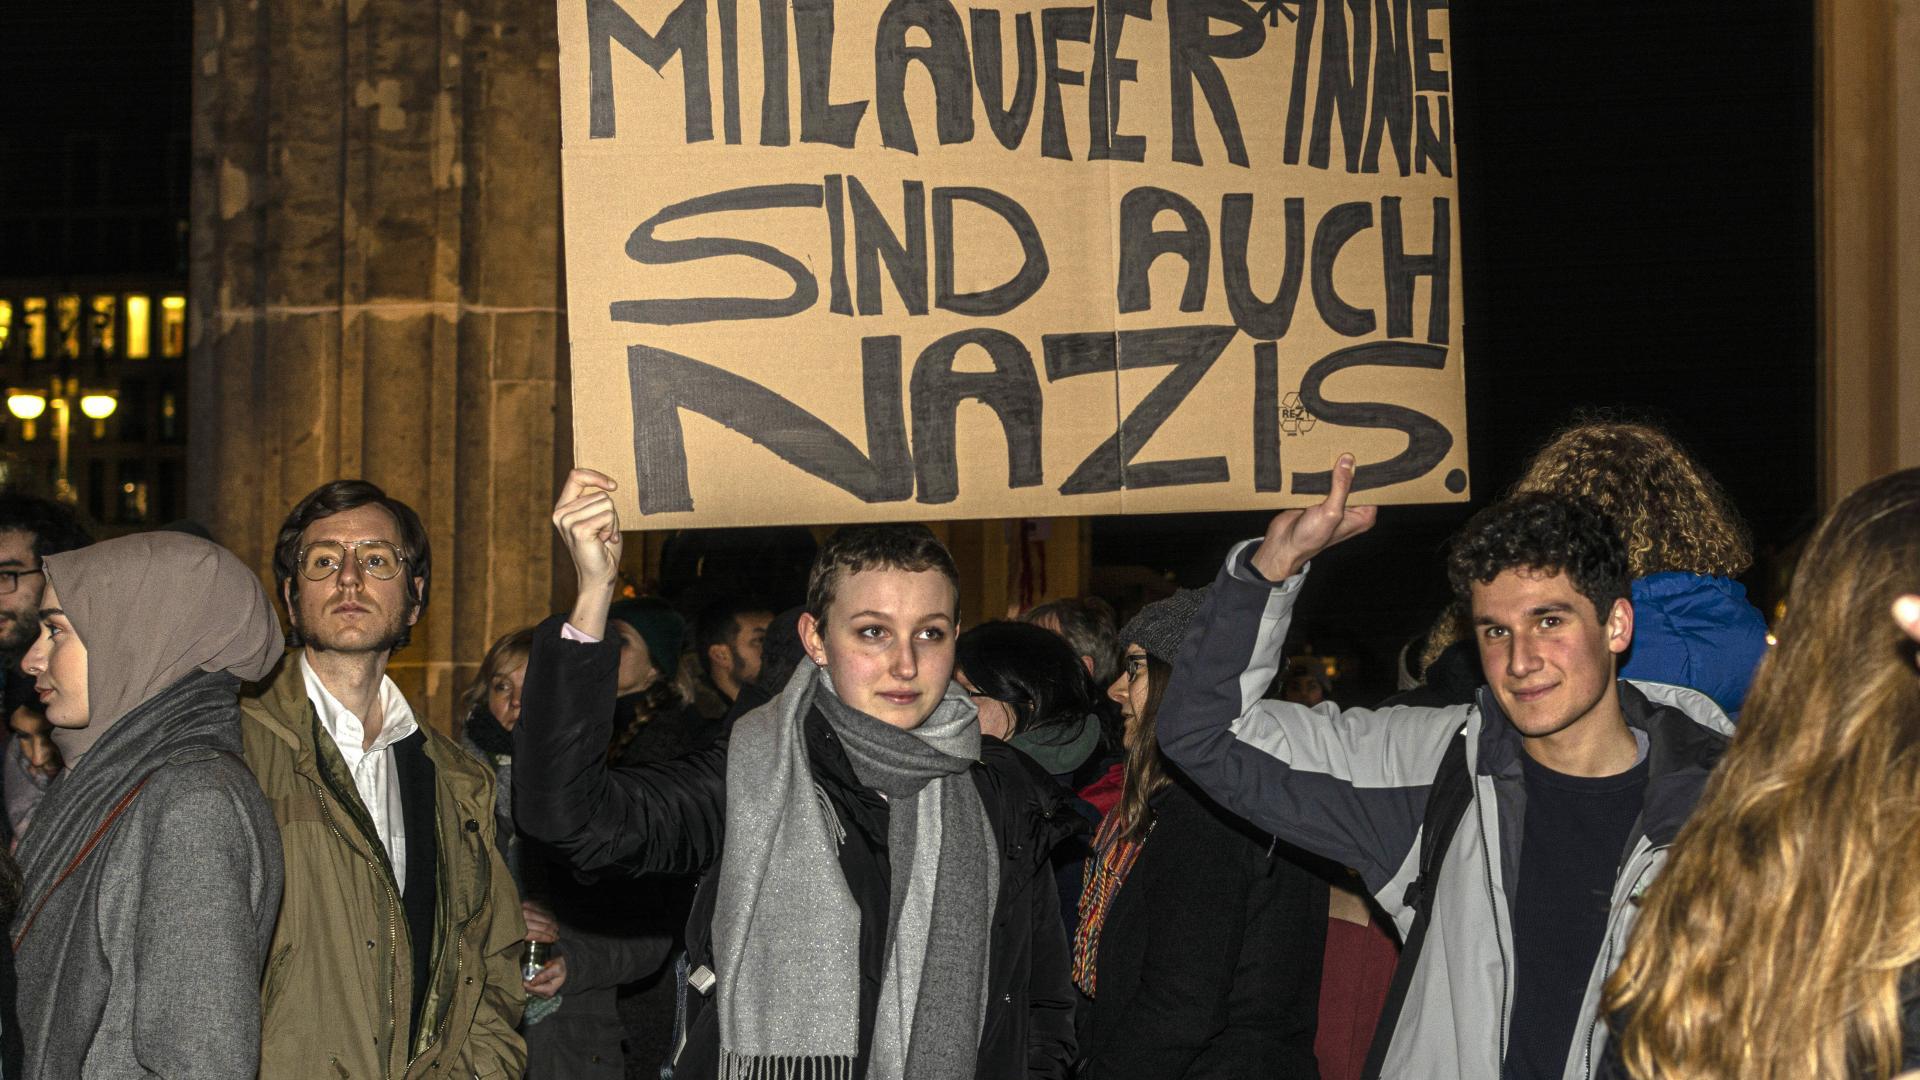 Mit einer spontanen Veranstaltung am Brandenburger-Tor in Berlin gedachten mehrere hundert Menschen den Opfern in Hanau.